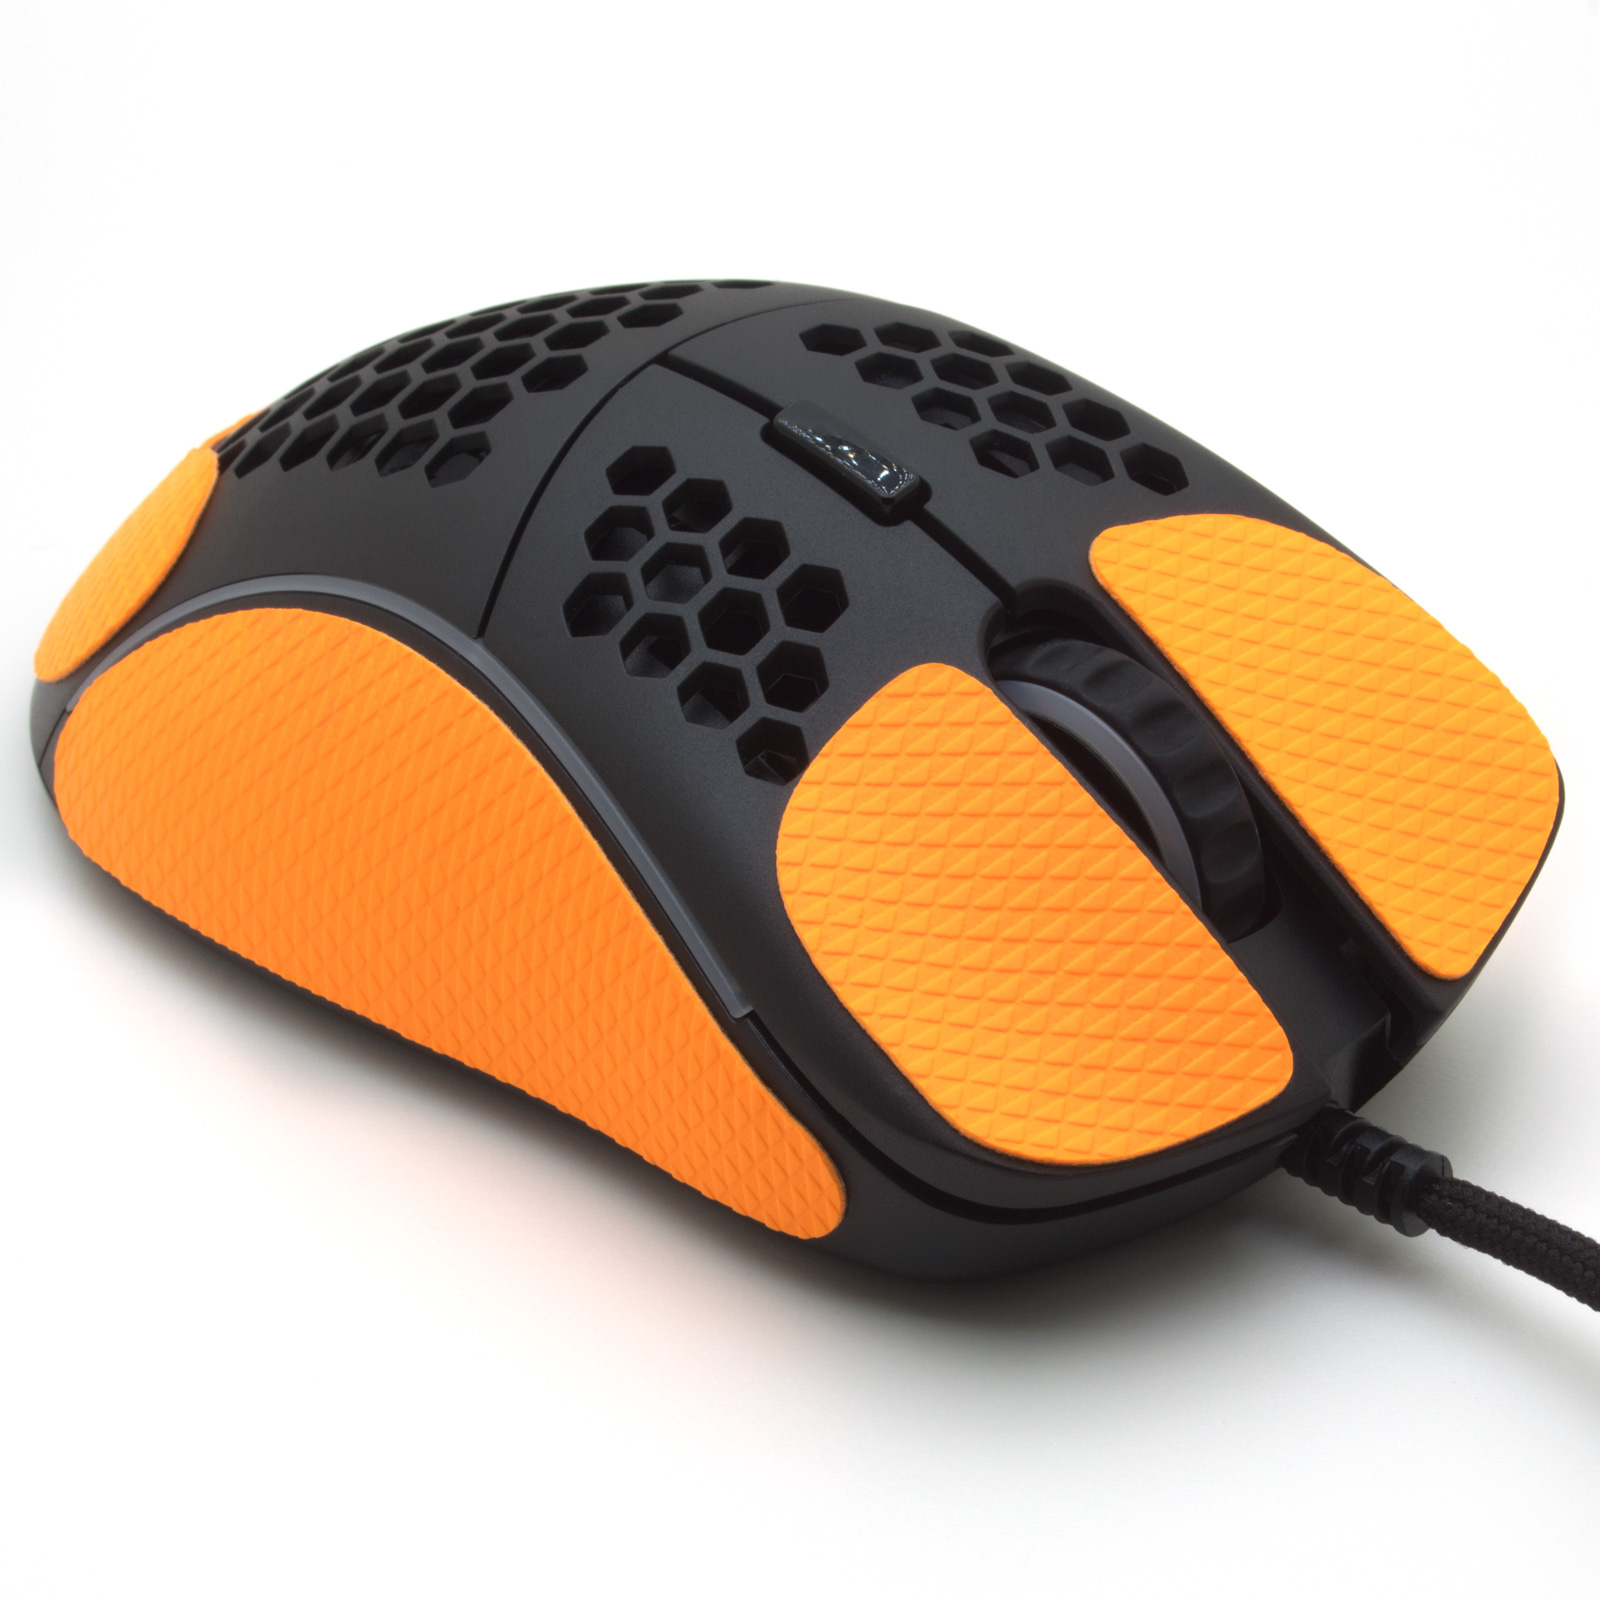 Grip pour souris Glorious model D de la marque TrueGrip - vue avant droit